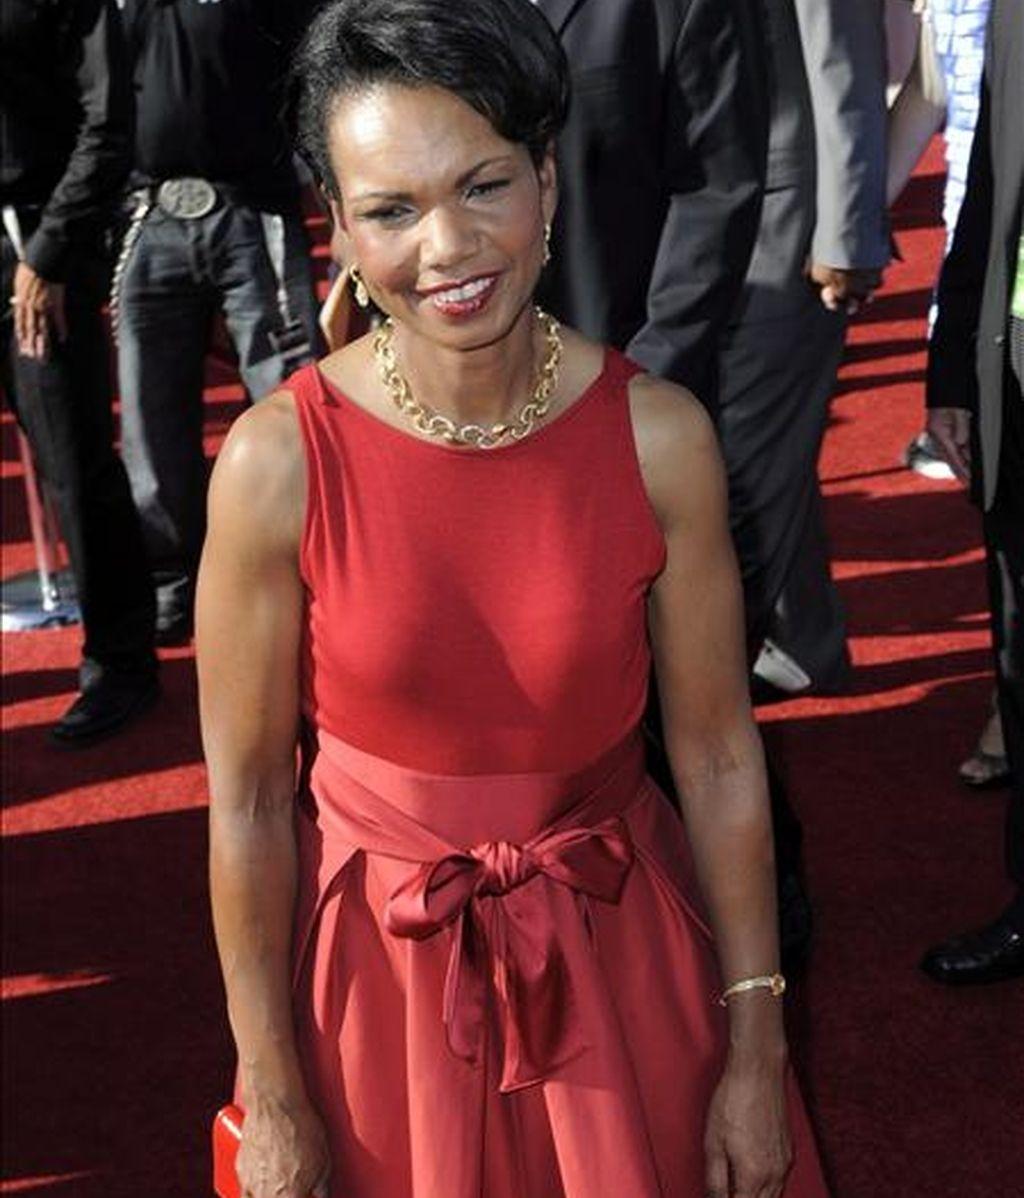 """Imagen de la ex secretaria de EE.UU., Condoleezza Rice, el pasado 15 de julio de 2009. Rice dio a la audiencia los 10 minutos de la """"Romanza"""" del concierto No 20 en Re menor para piano de Wolfgan Amadeus Mozart. EFE/Archivo"""